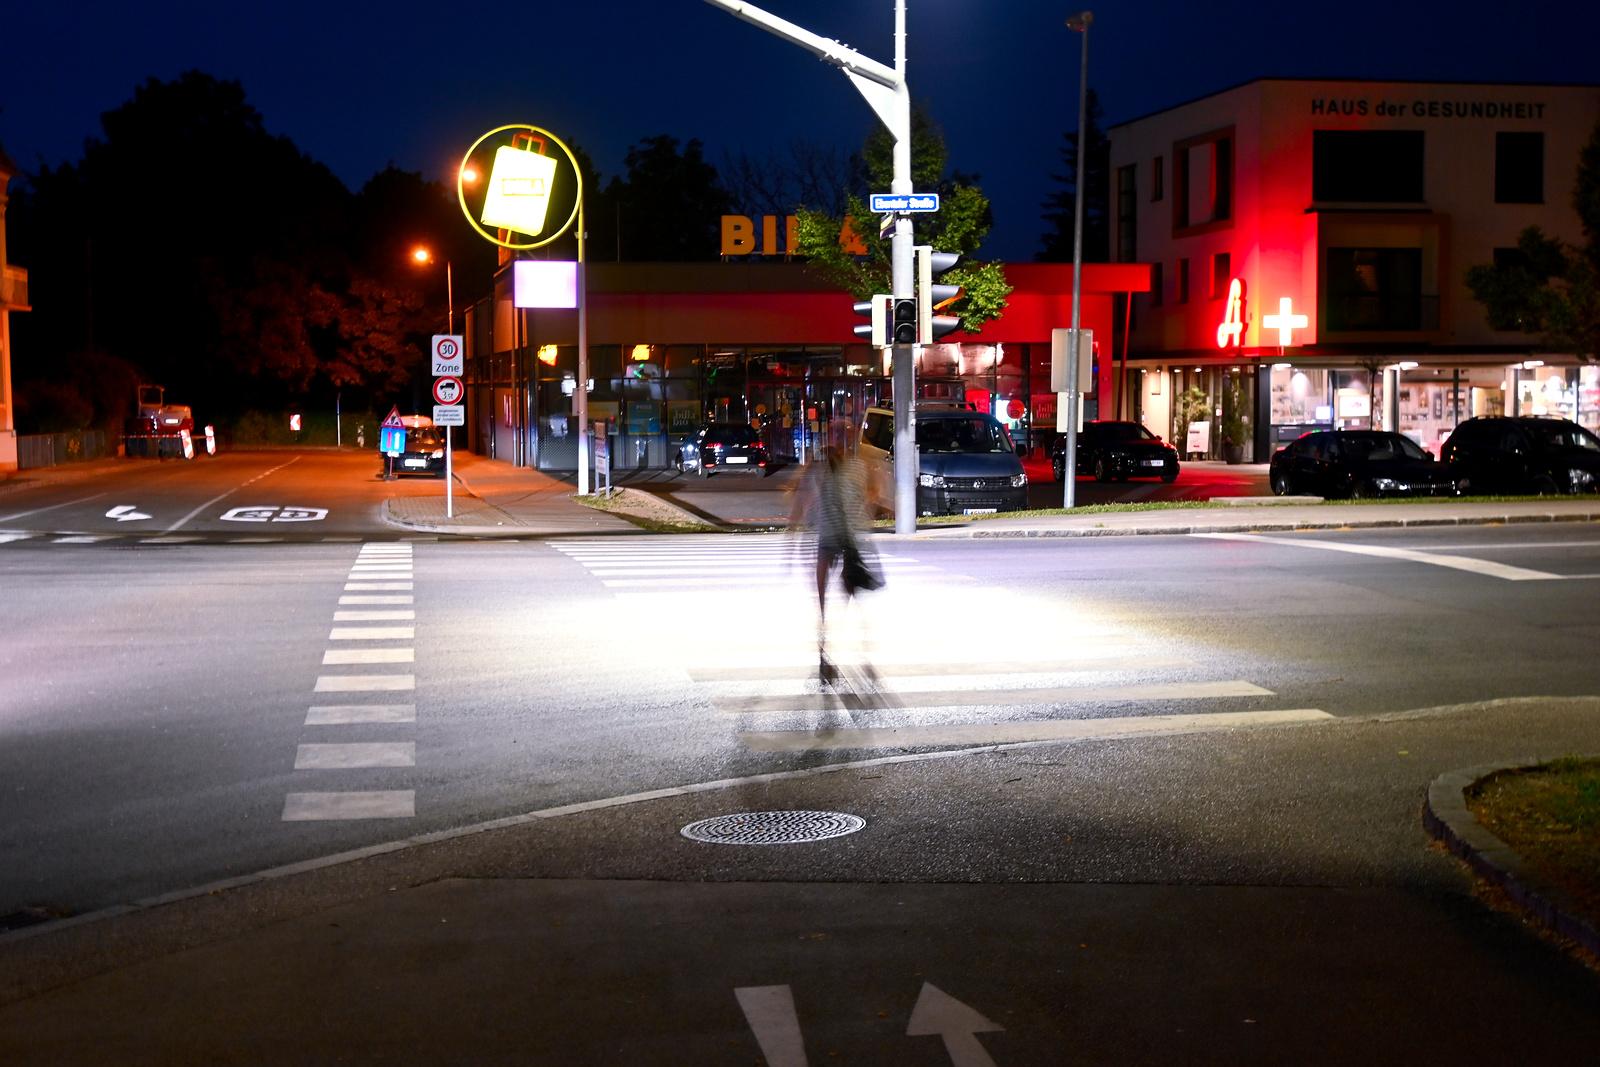 Fußgänger in St.Peter Straße Ebenthaler Straße bei Nacht